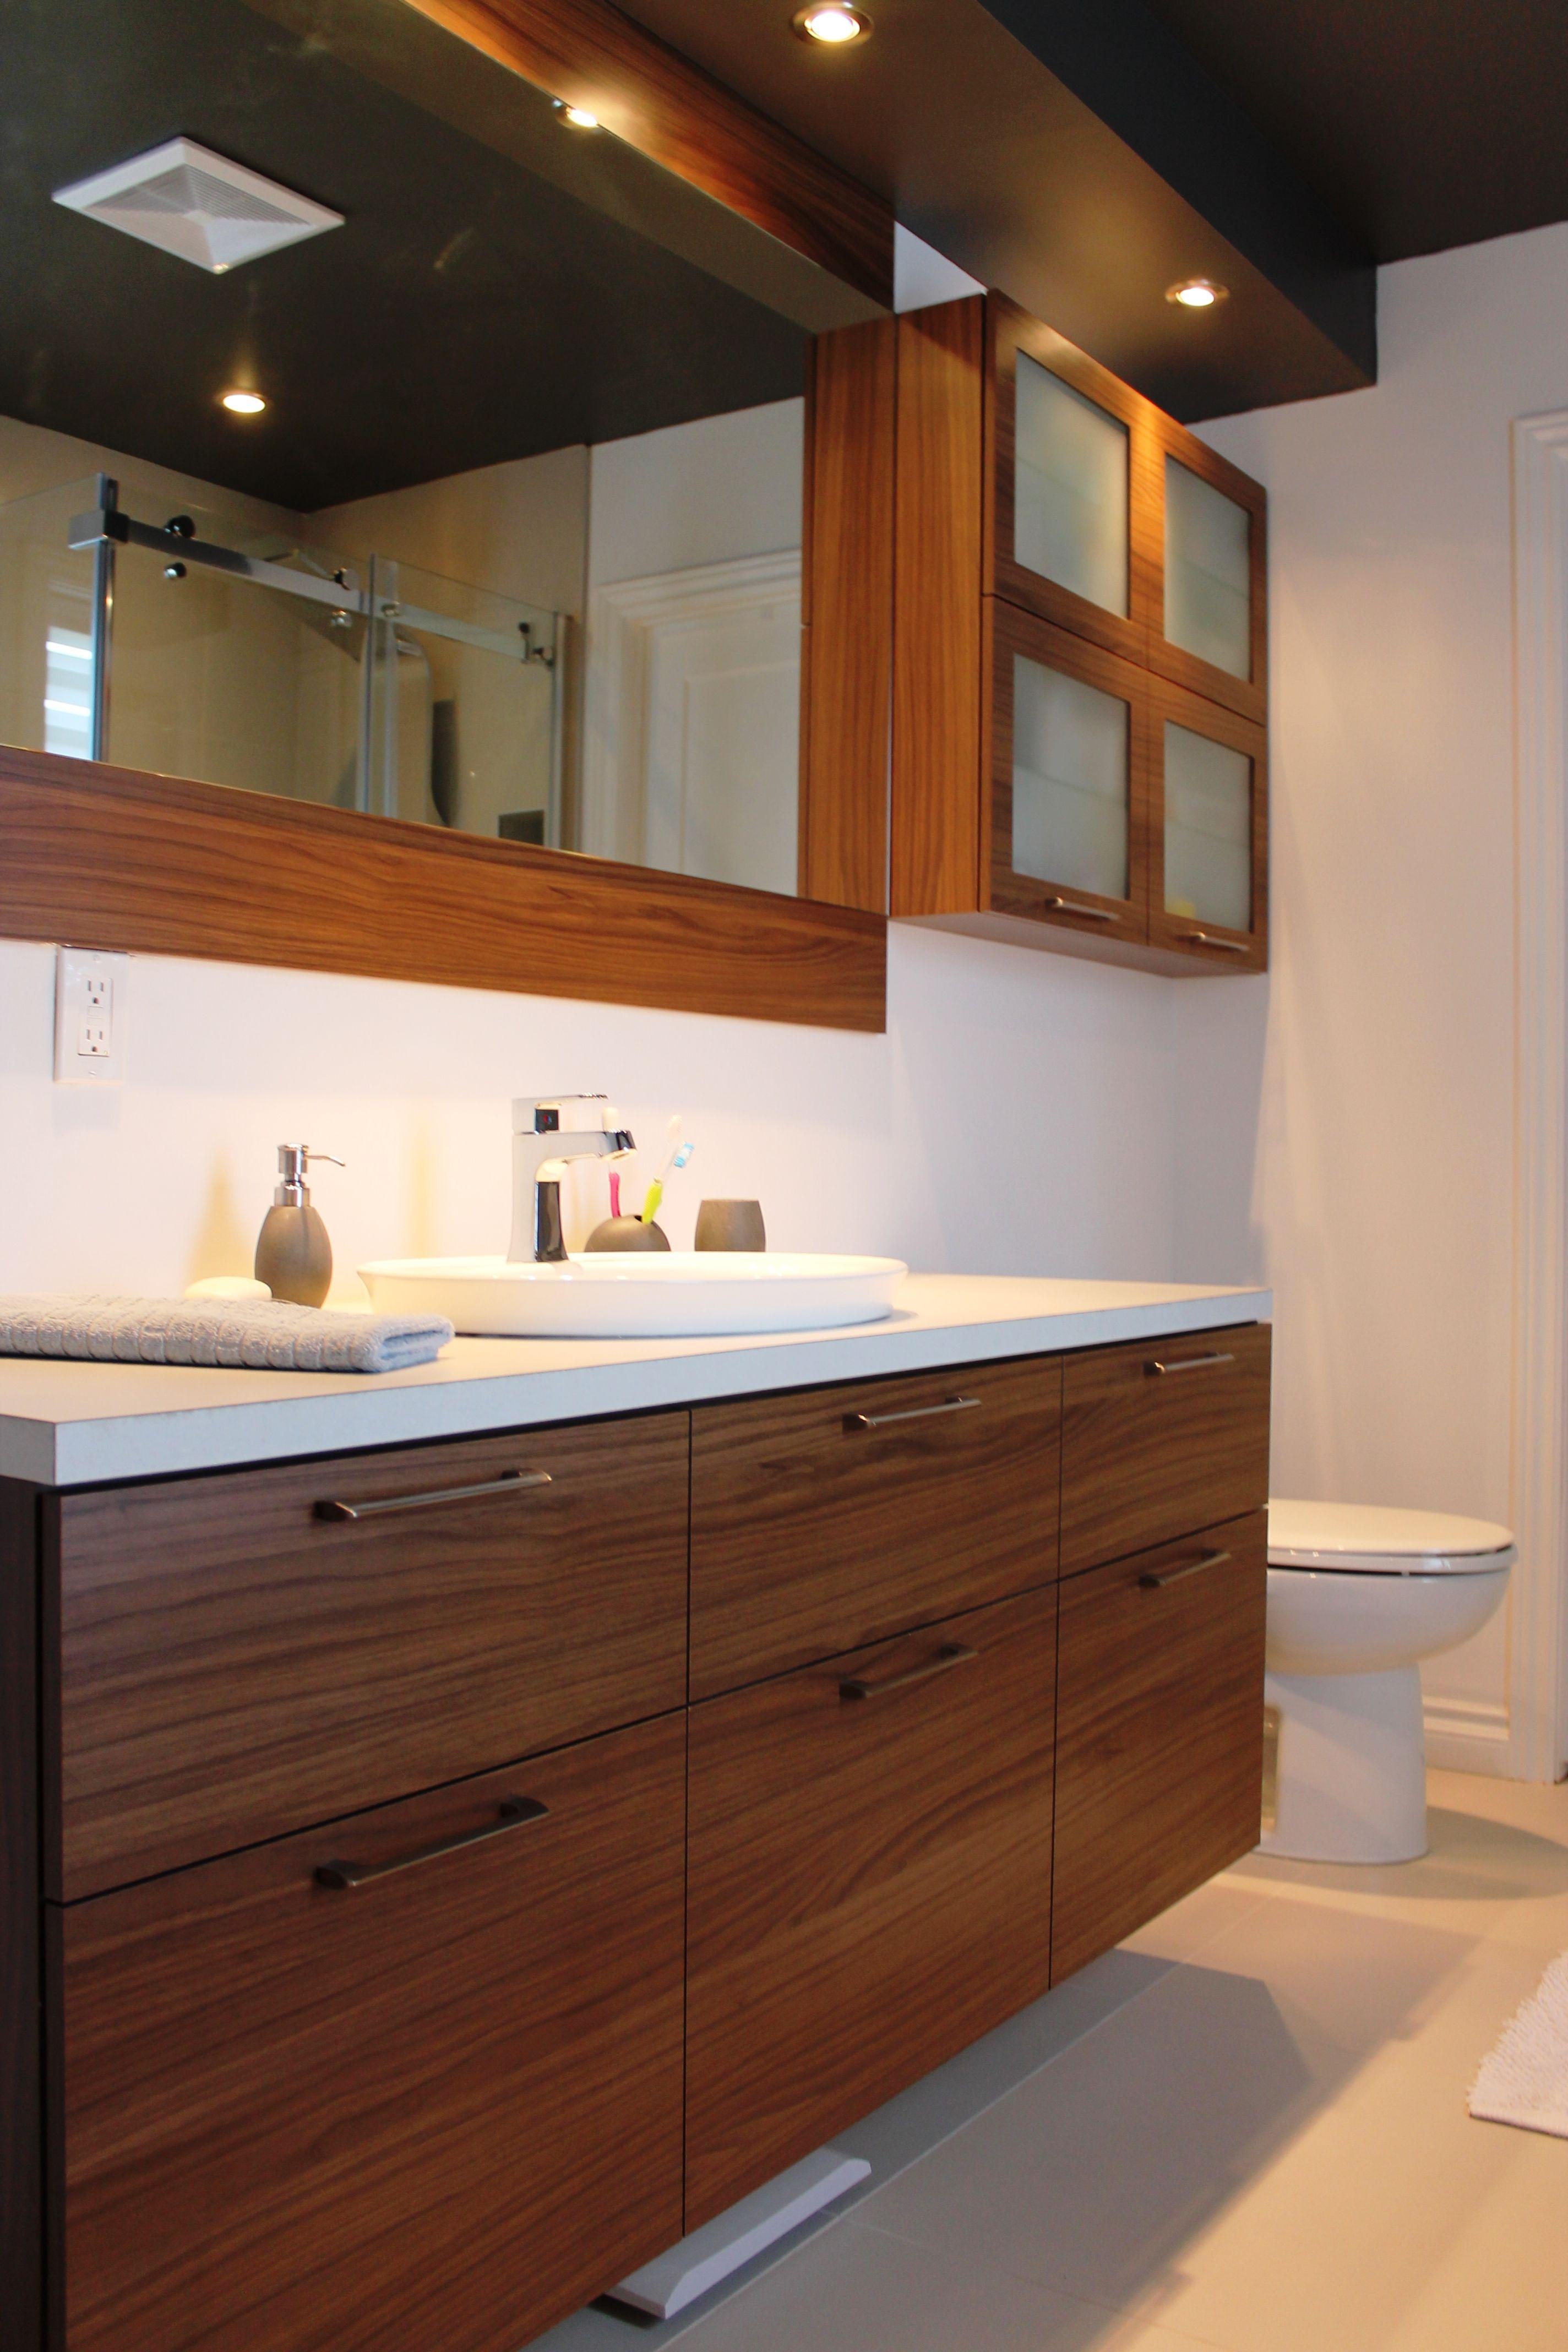 vanit sur mesure m lamine effet noyer style contemporain. Black Bedroom Furniture Sets. Home Design Ideas